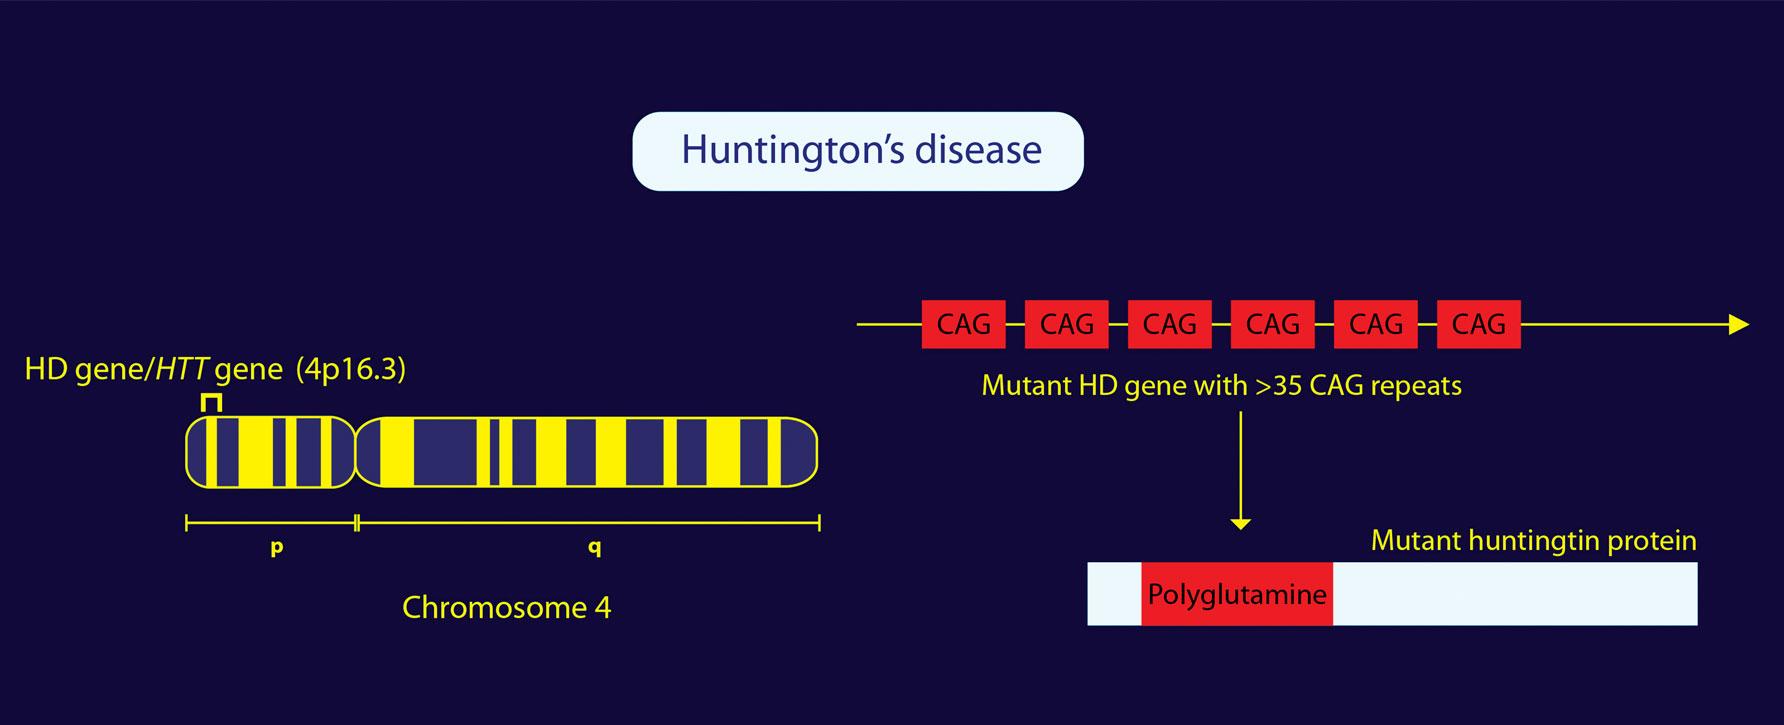 rccm-huntington1